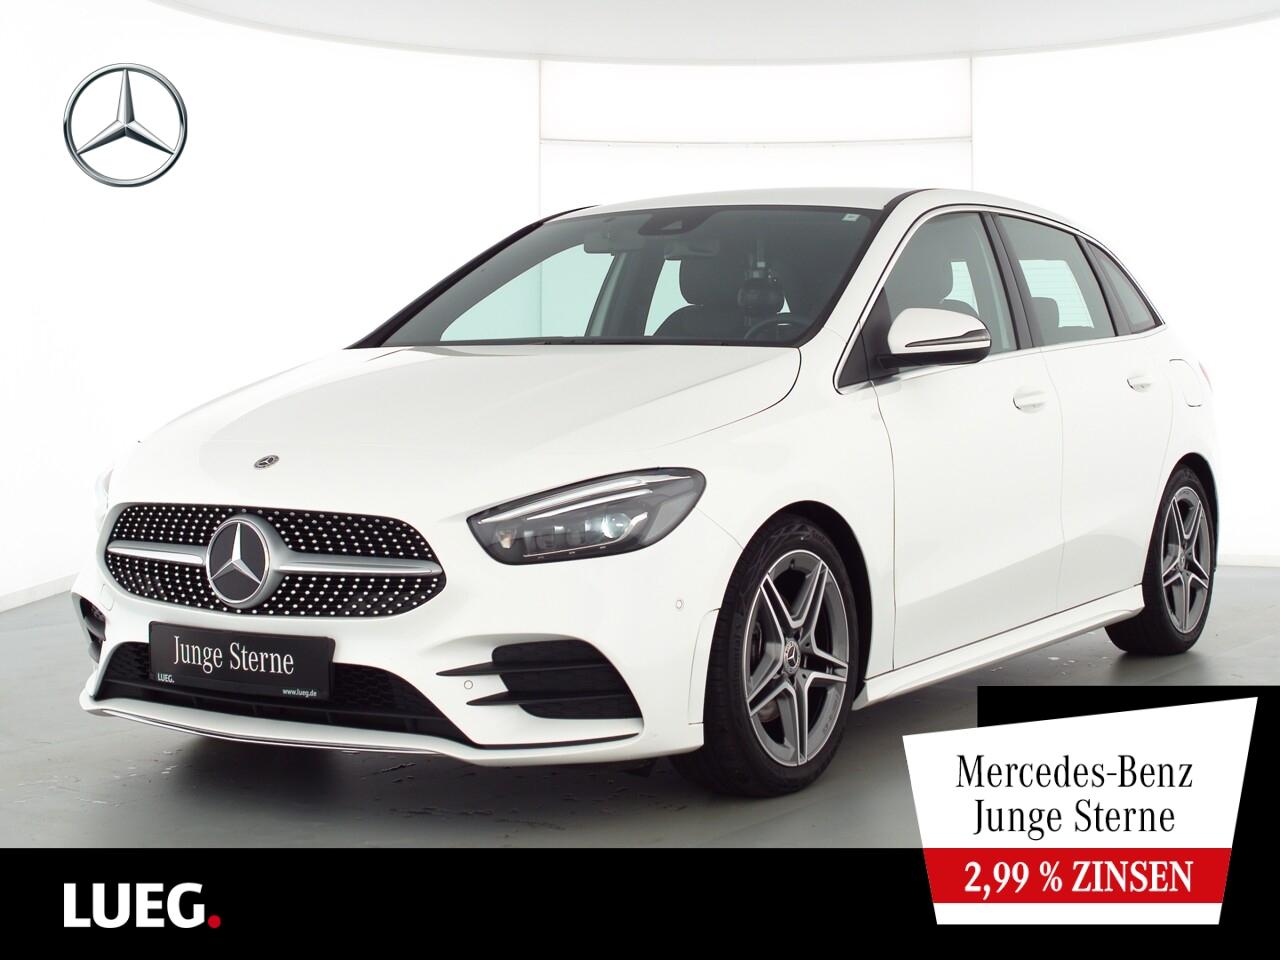 Mercedes-Benz B 180 d AMG+MBUX+NavPr+Mbeam+Sthzg+AHK+Sound+RFK, Jahr 2020, Diesel